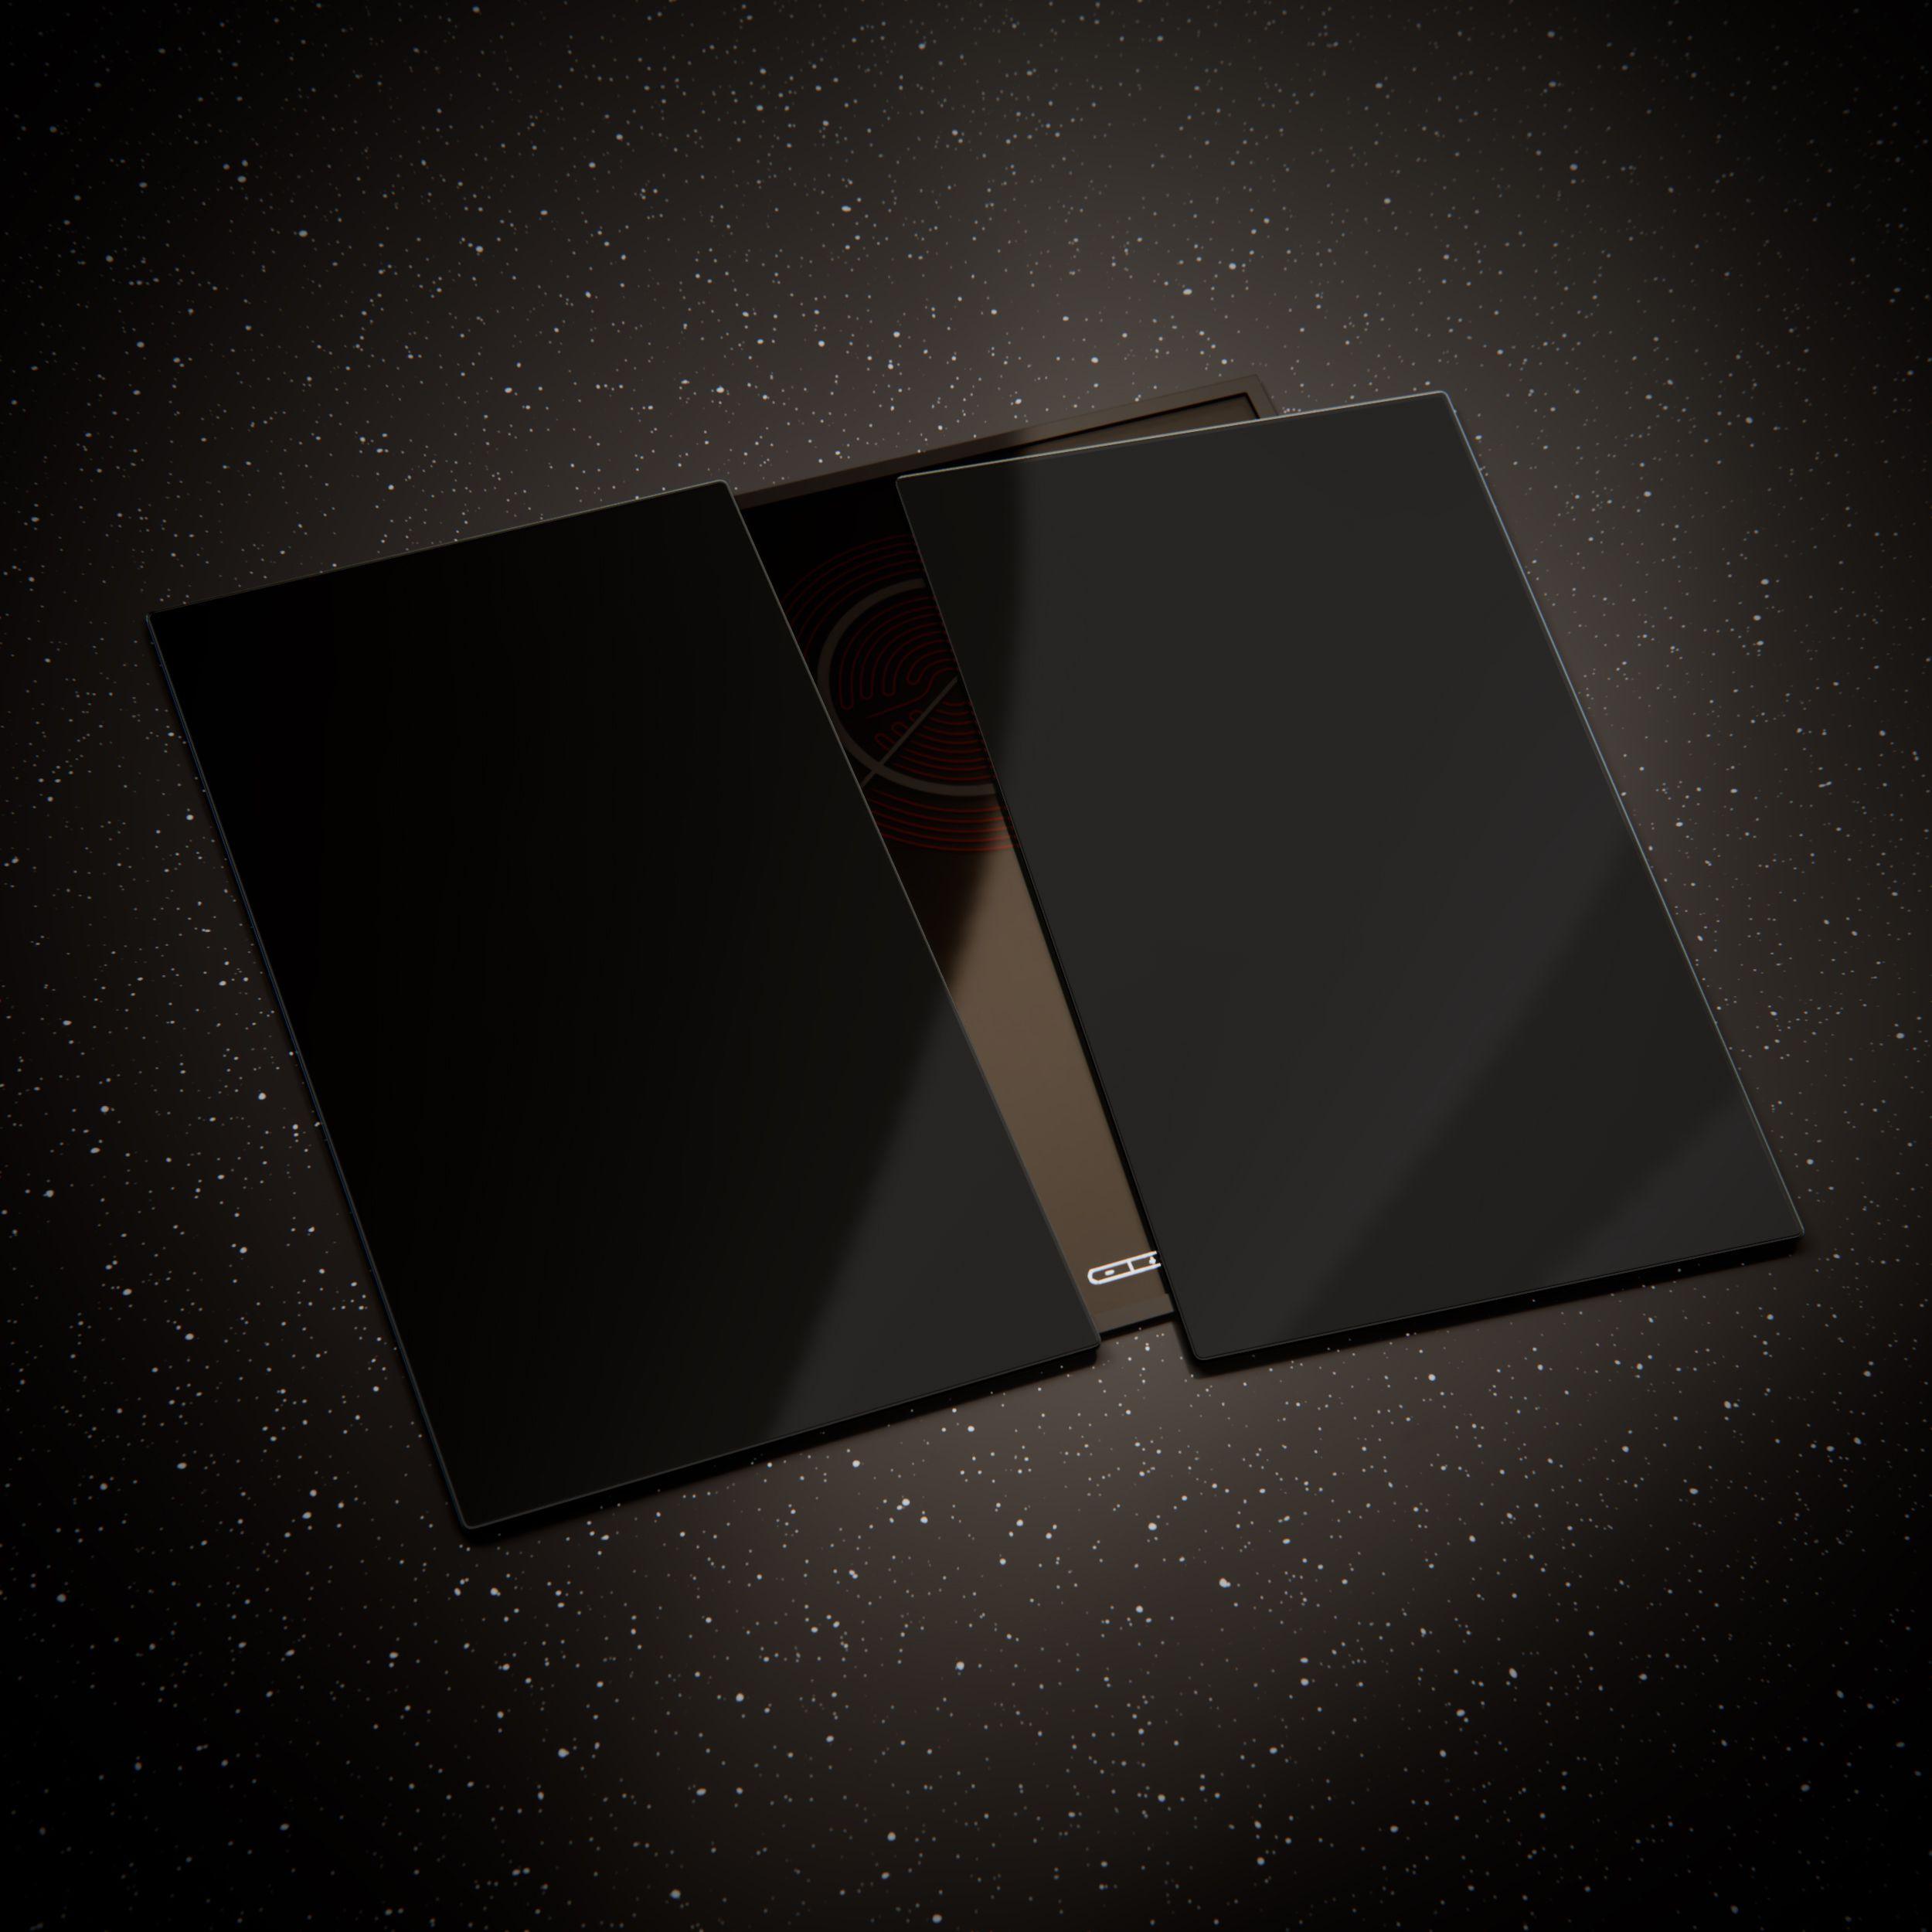 Verre à découper planche, cuisinière, plaque de cuisson couvercle ESG 3x30x52 cm Noir